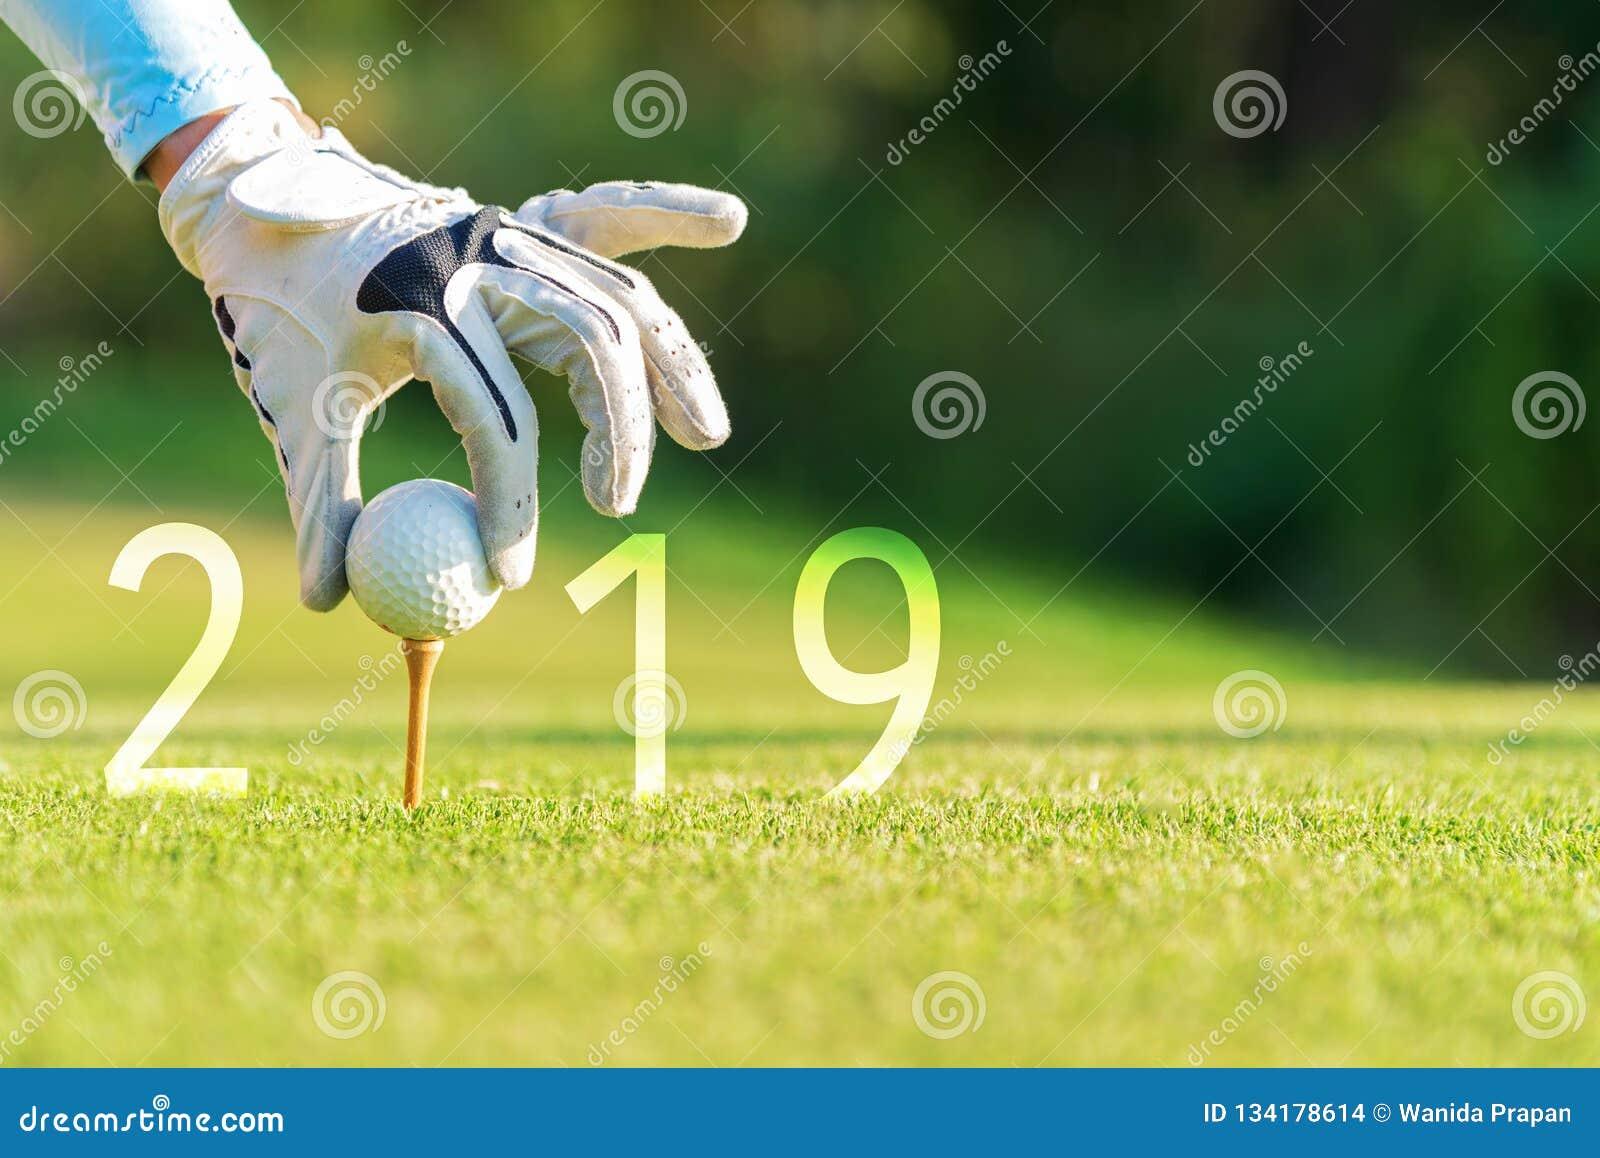 Ασιατική γυναίκα παικτών γκολφ που βάζει τη σφαίρα γκολφ για καλή χρονιά 2019 στο πράσινο γκολφ, διάστημα αντιγράφων